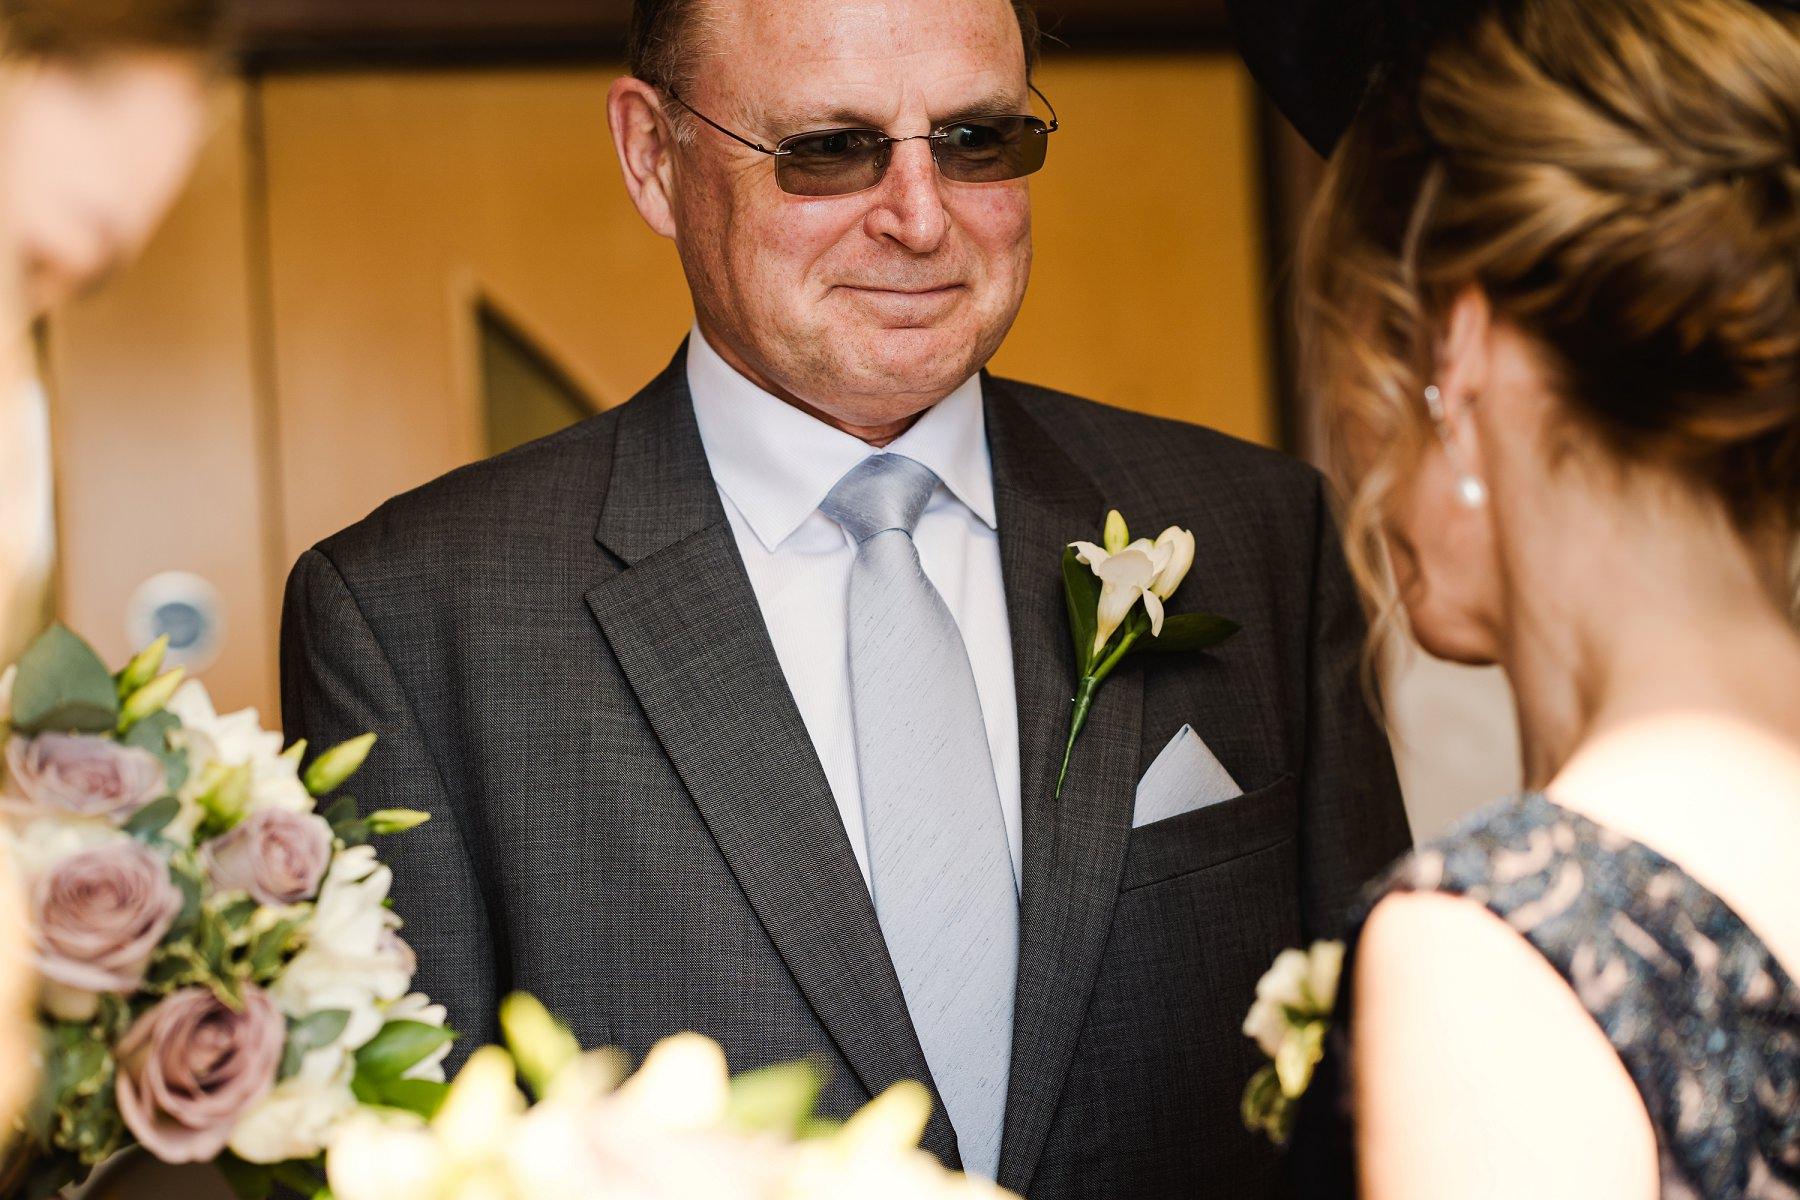 danny_alex_wedding_tease_0012.jpg